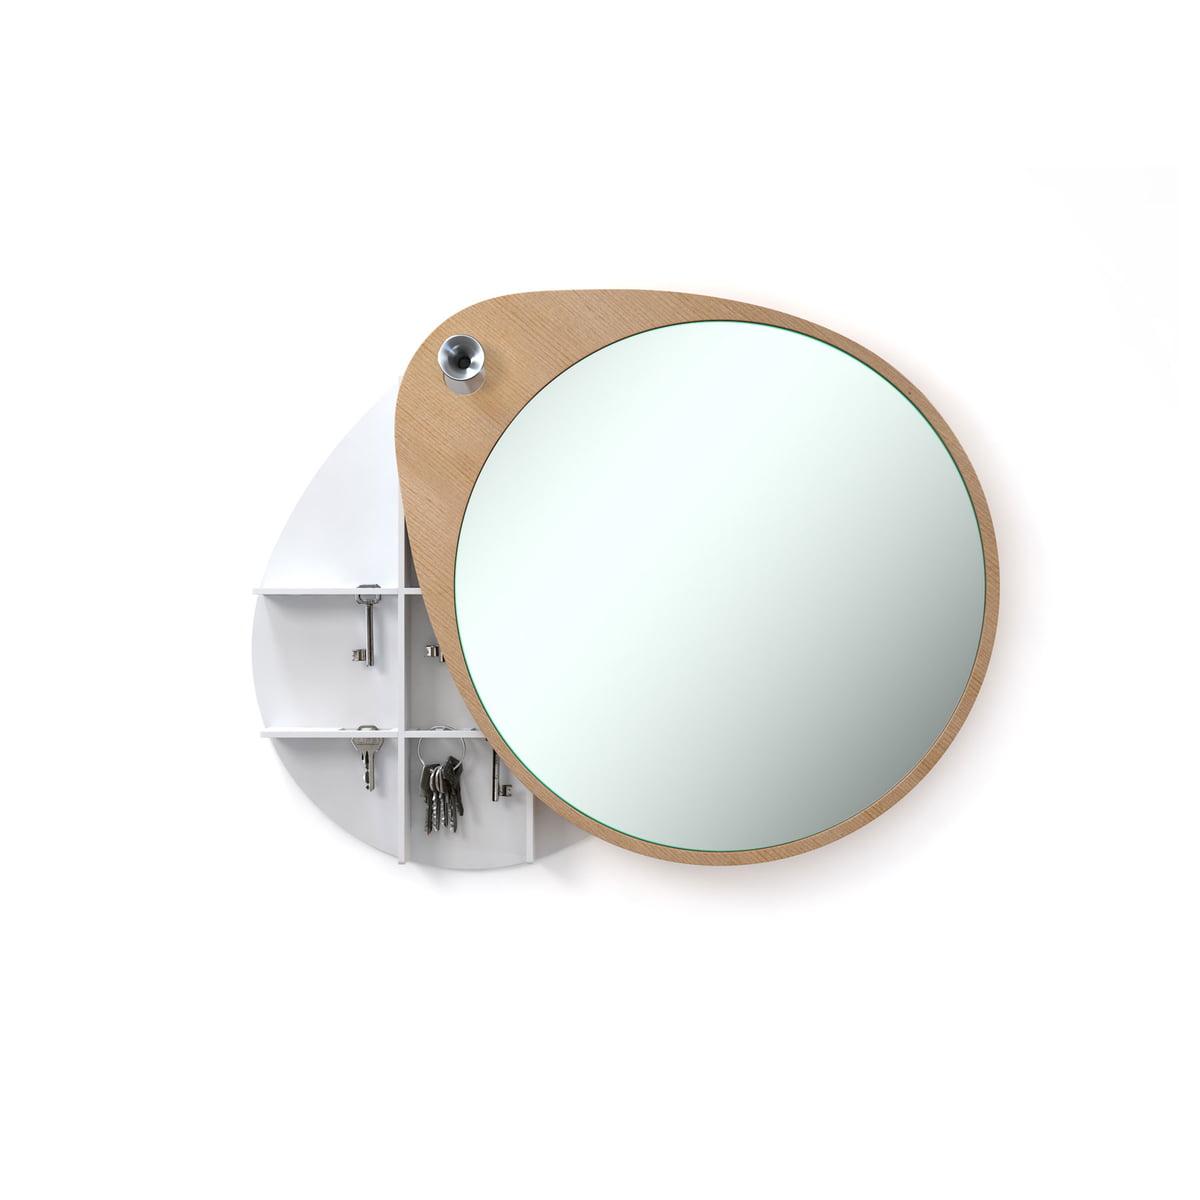 Miroir the egg de rizz connox for Miroir application android